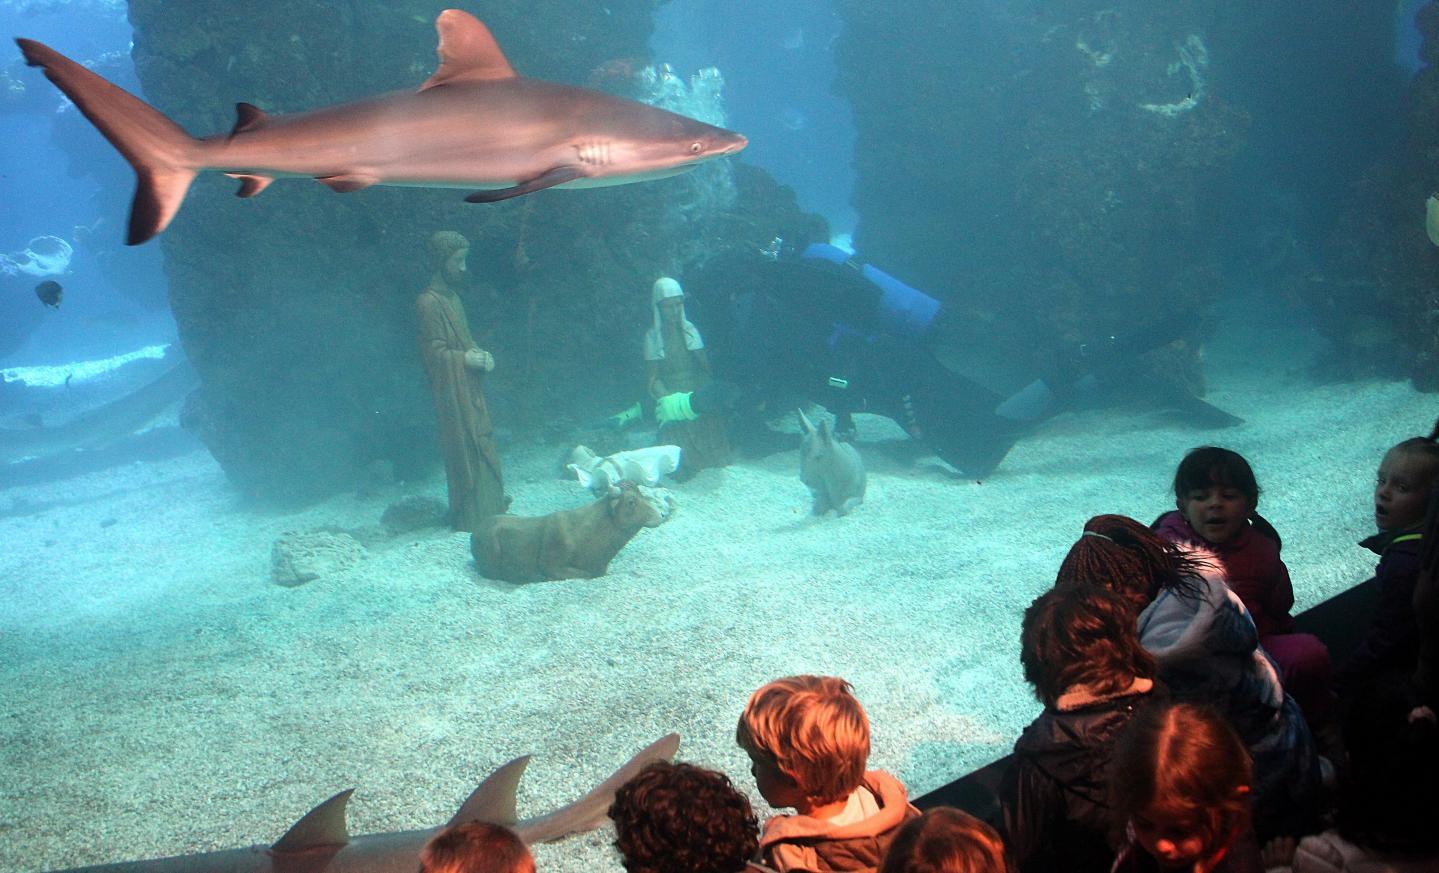 Les requins de l'acquarium du Musée Océanographique devront cohabiter jusqu'au 8 janvier avec les personnages de la crèche.